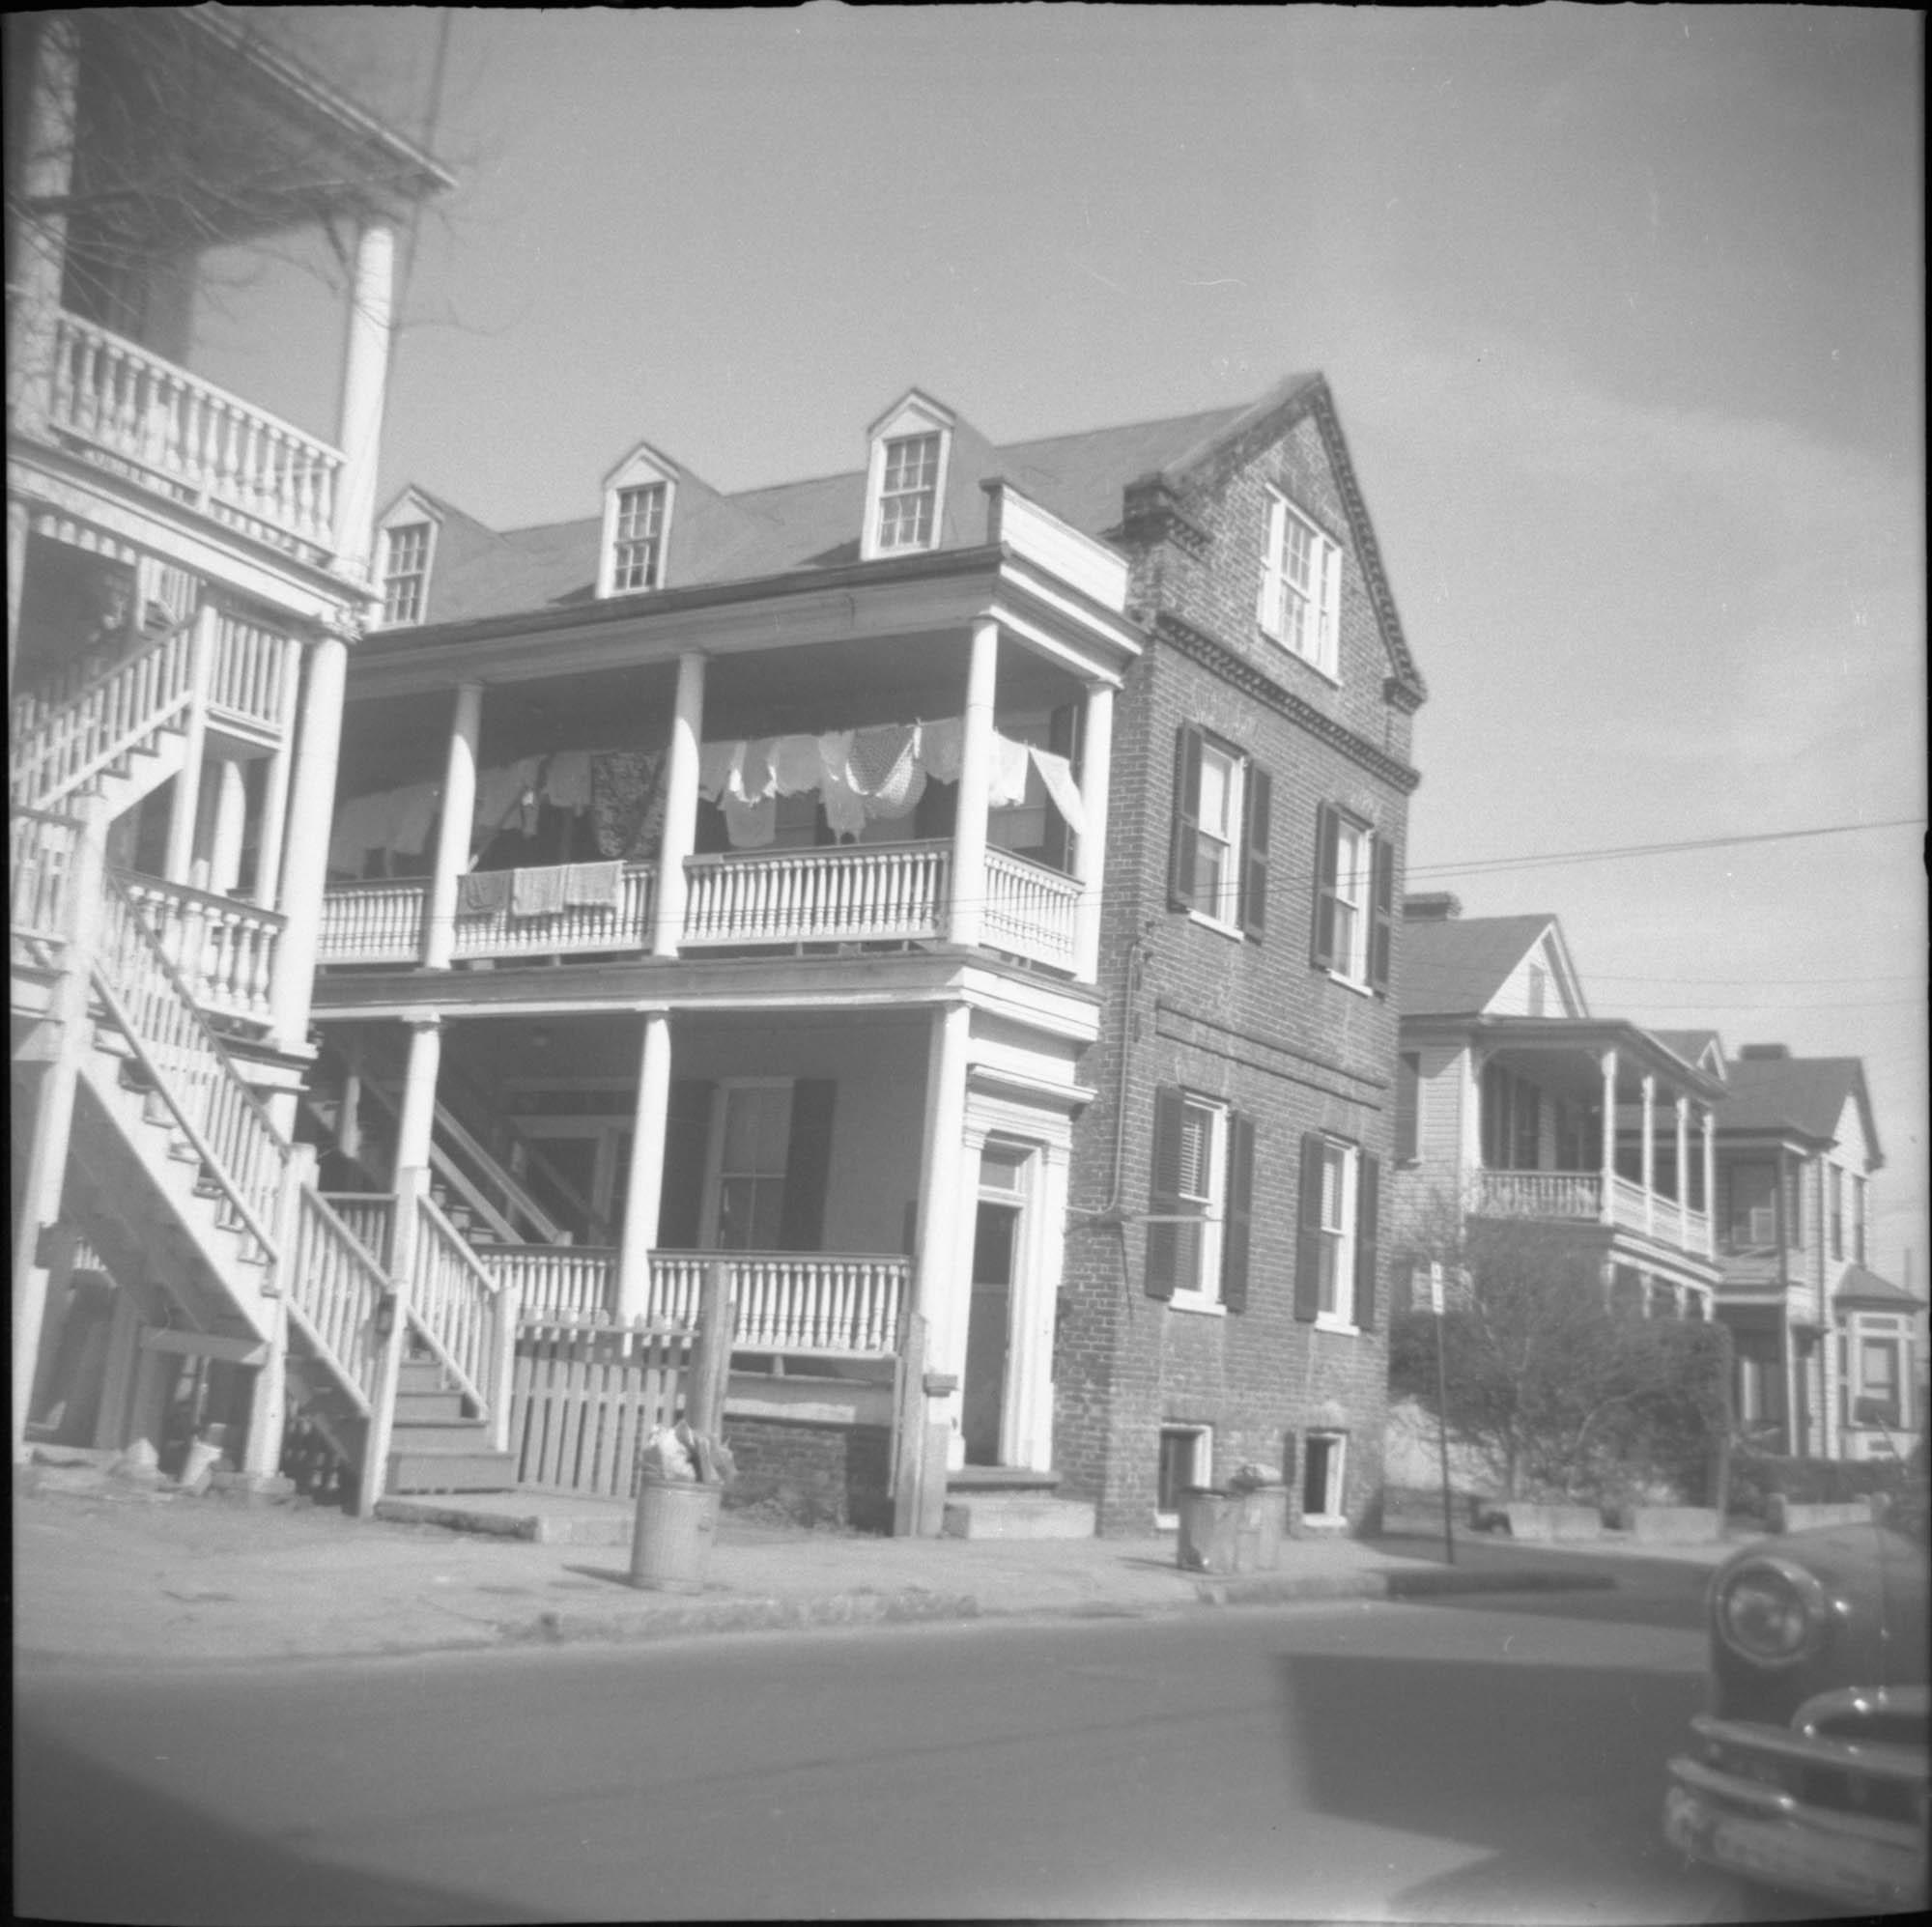 10 Wentworth Street